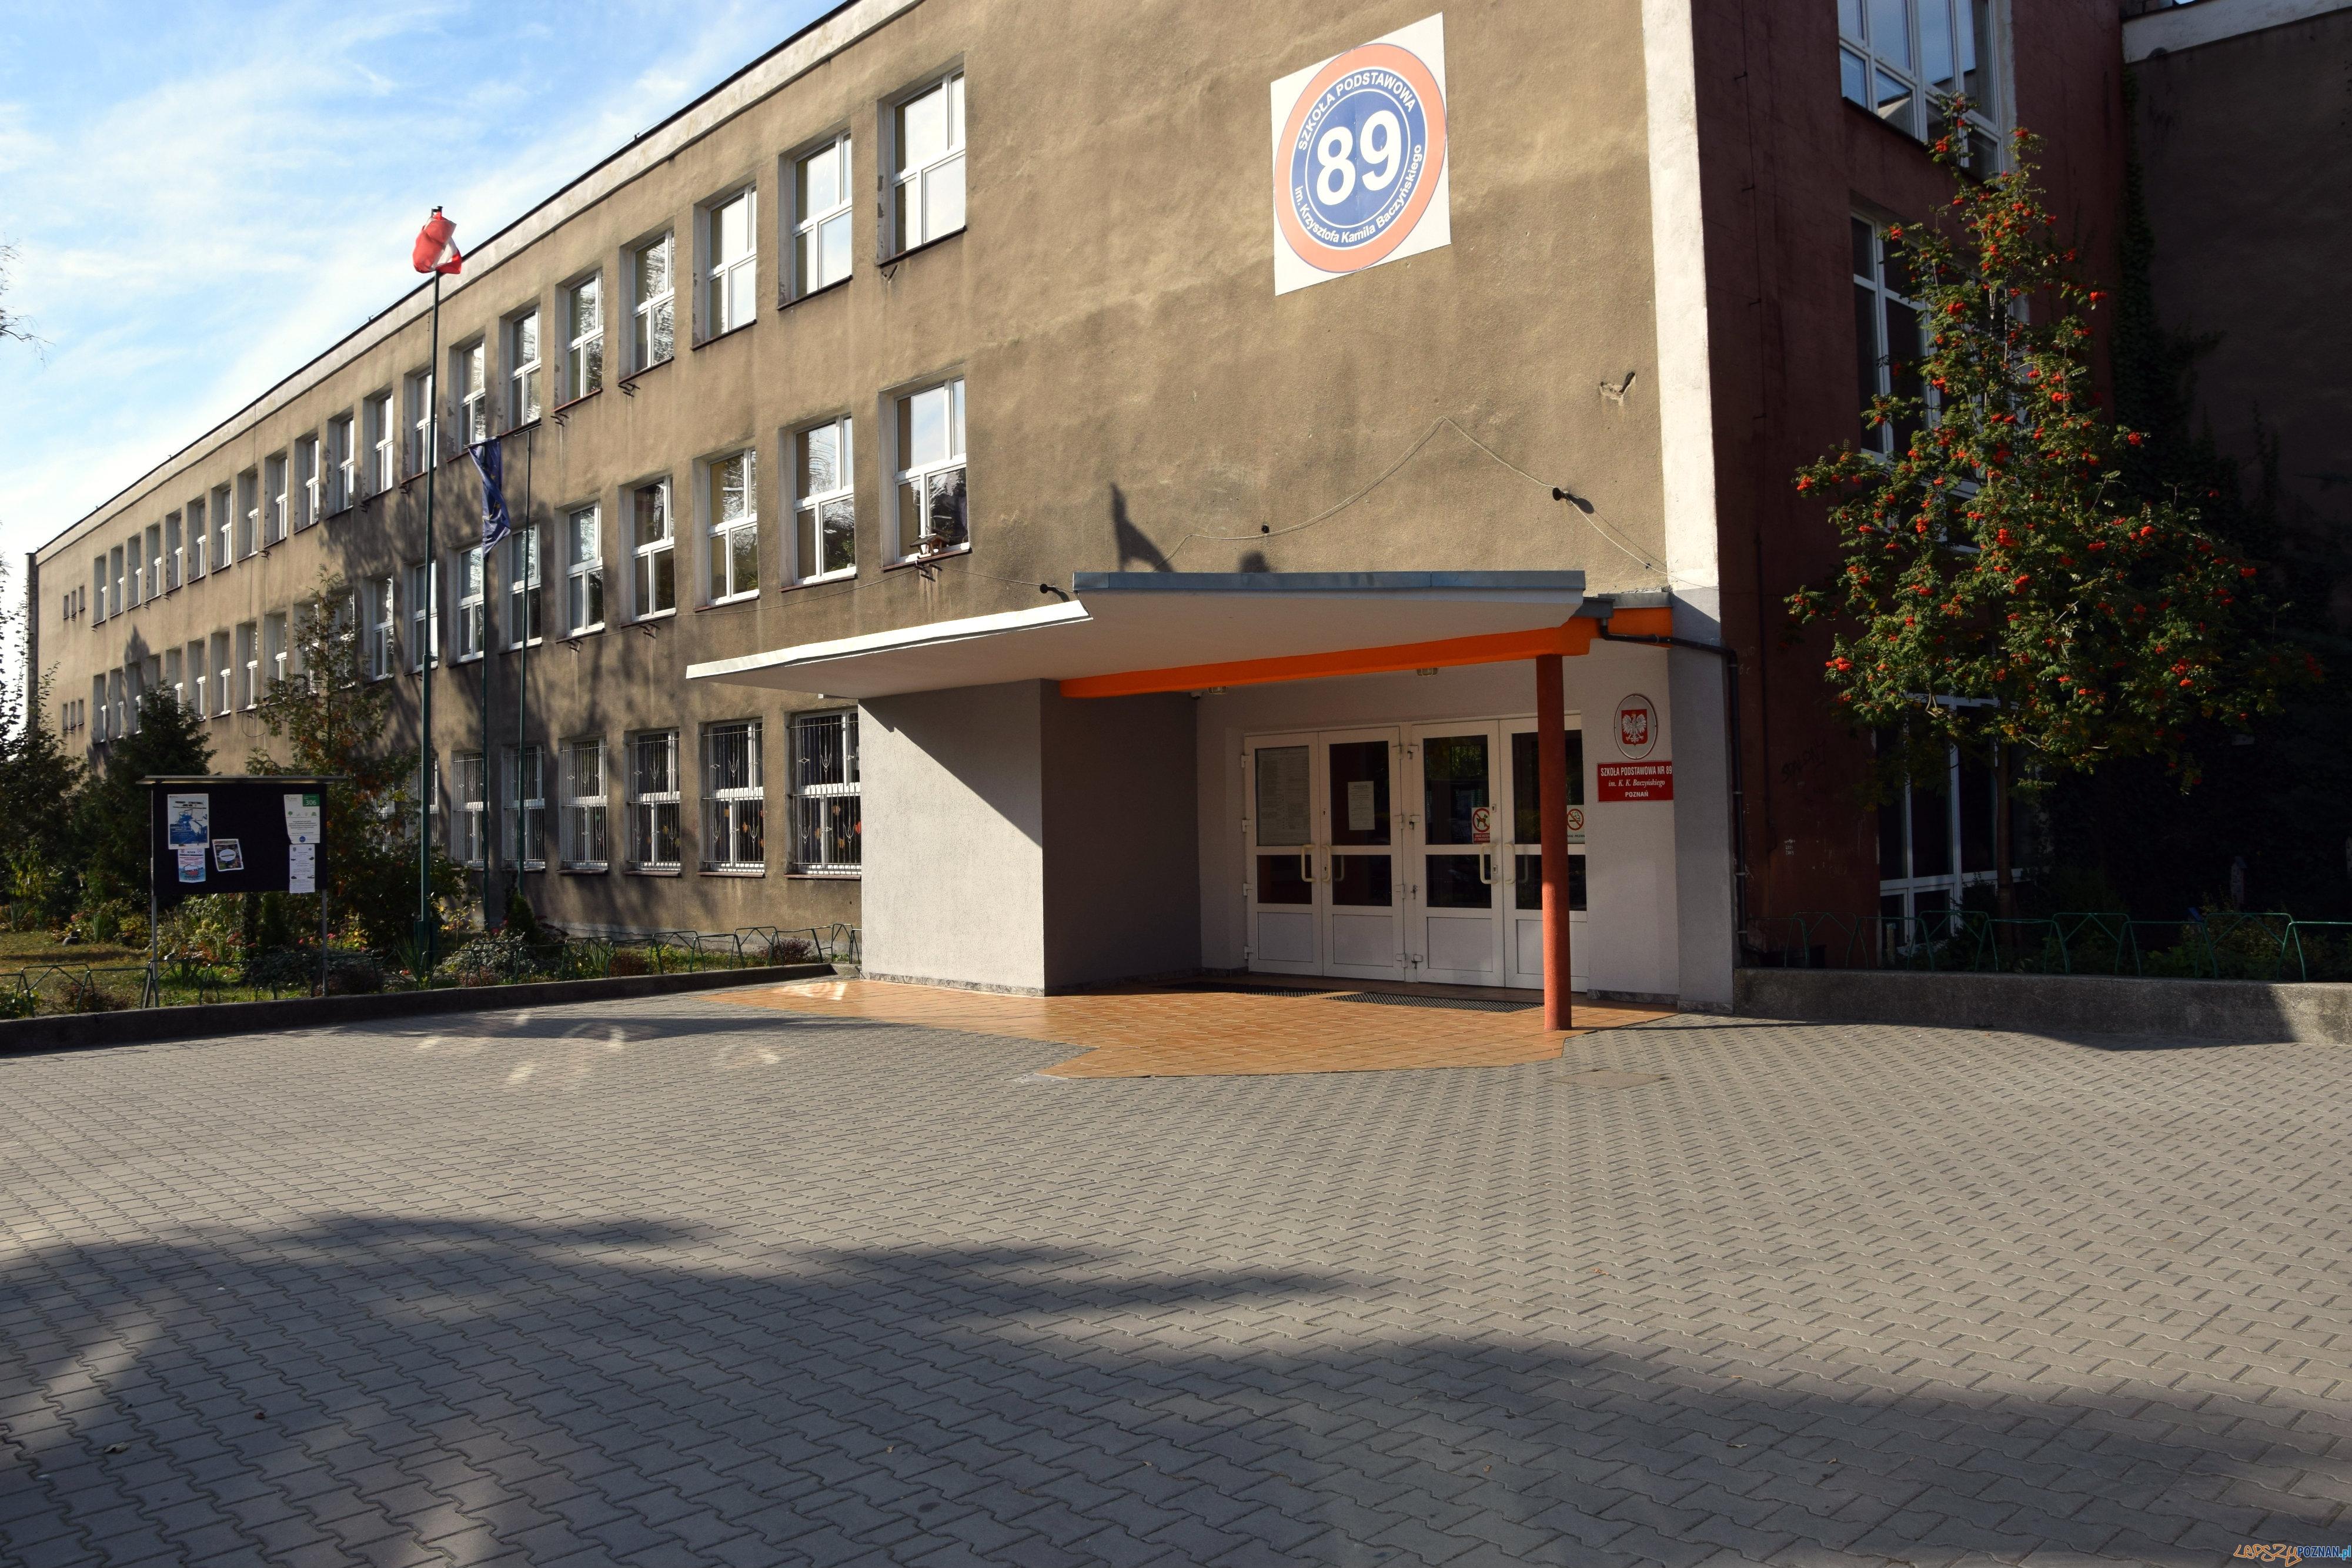 Szkoła Podstawowa nr 89 im. Krzysztofa Kamila Baczyńskiego  Foto: Szkoła Podstawowa nr 89 im. Krzysztofa Kamila Baczyńskiego